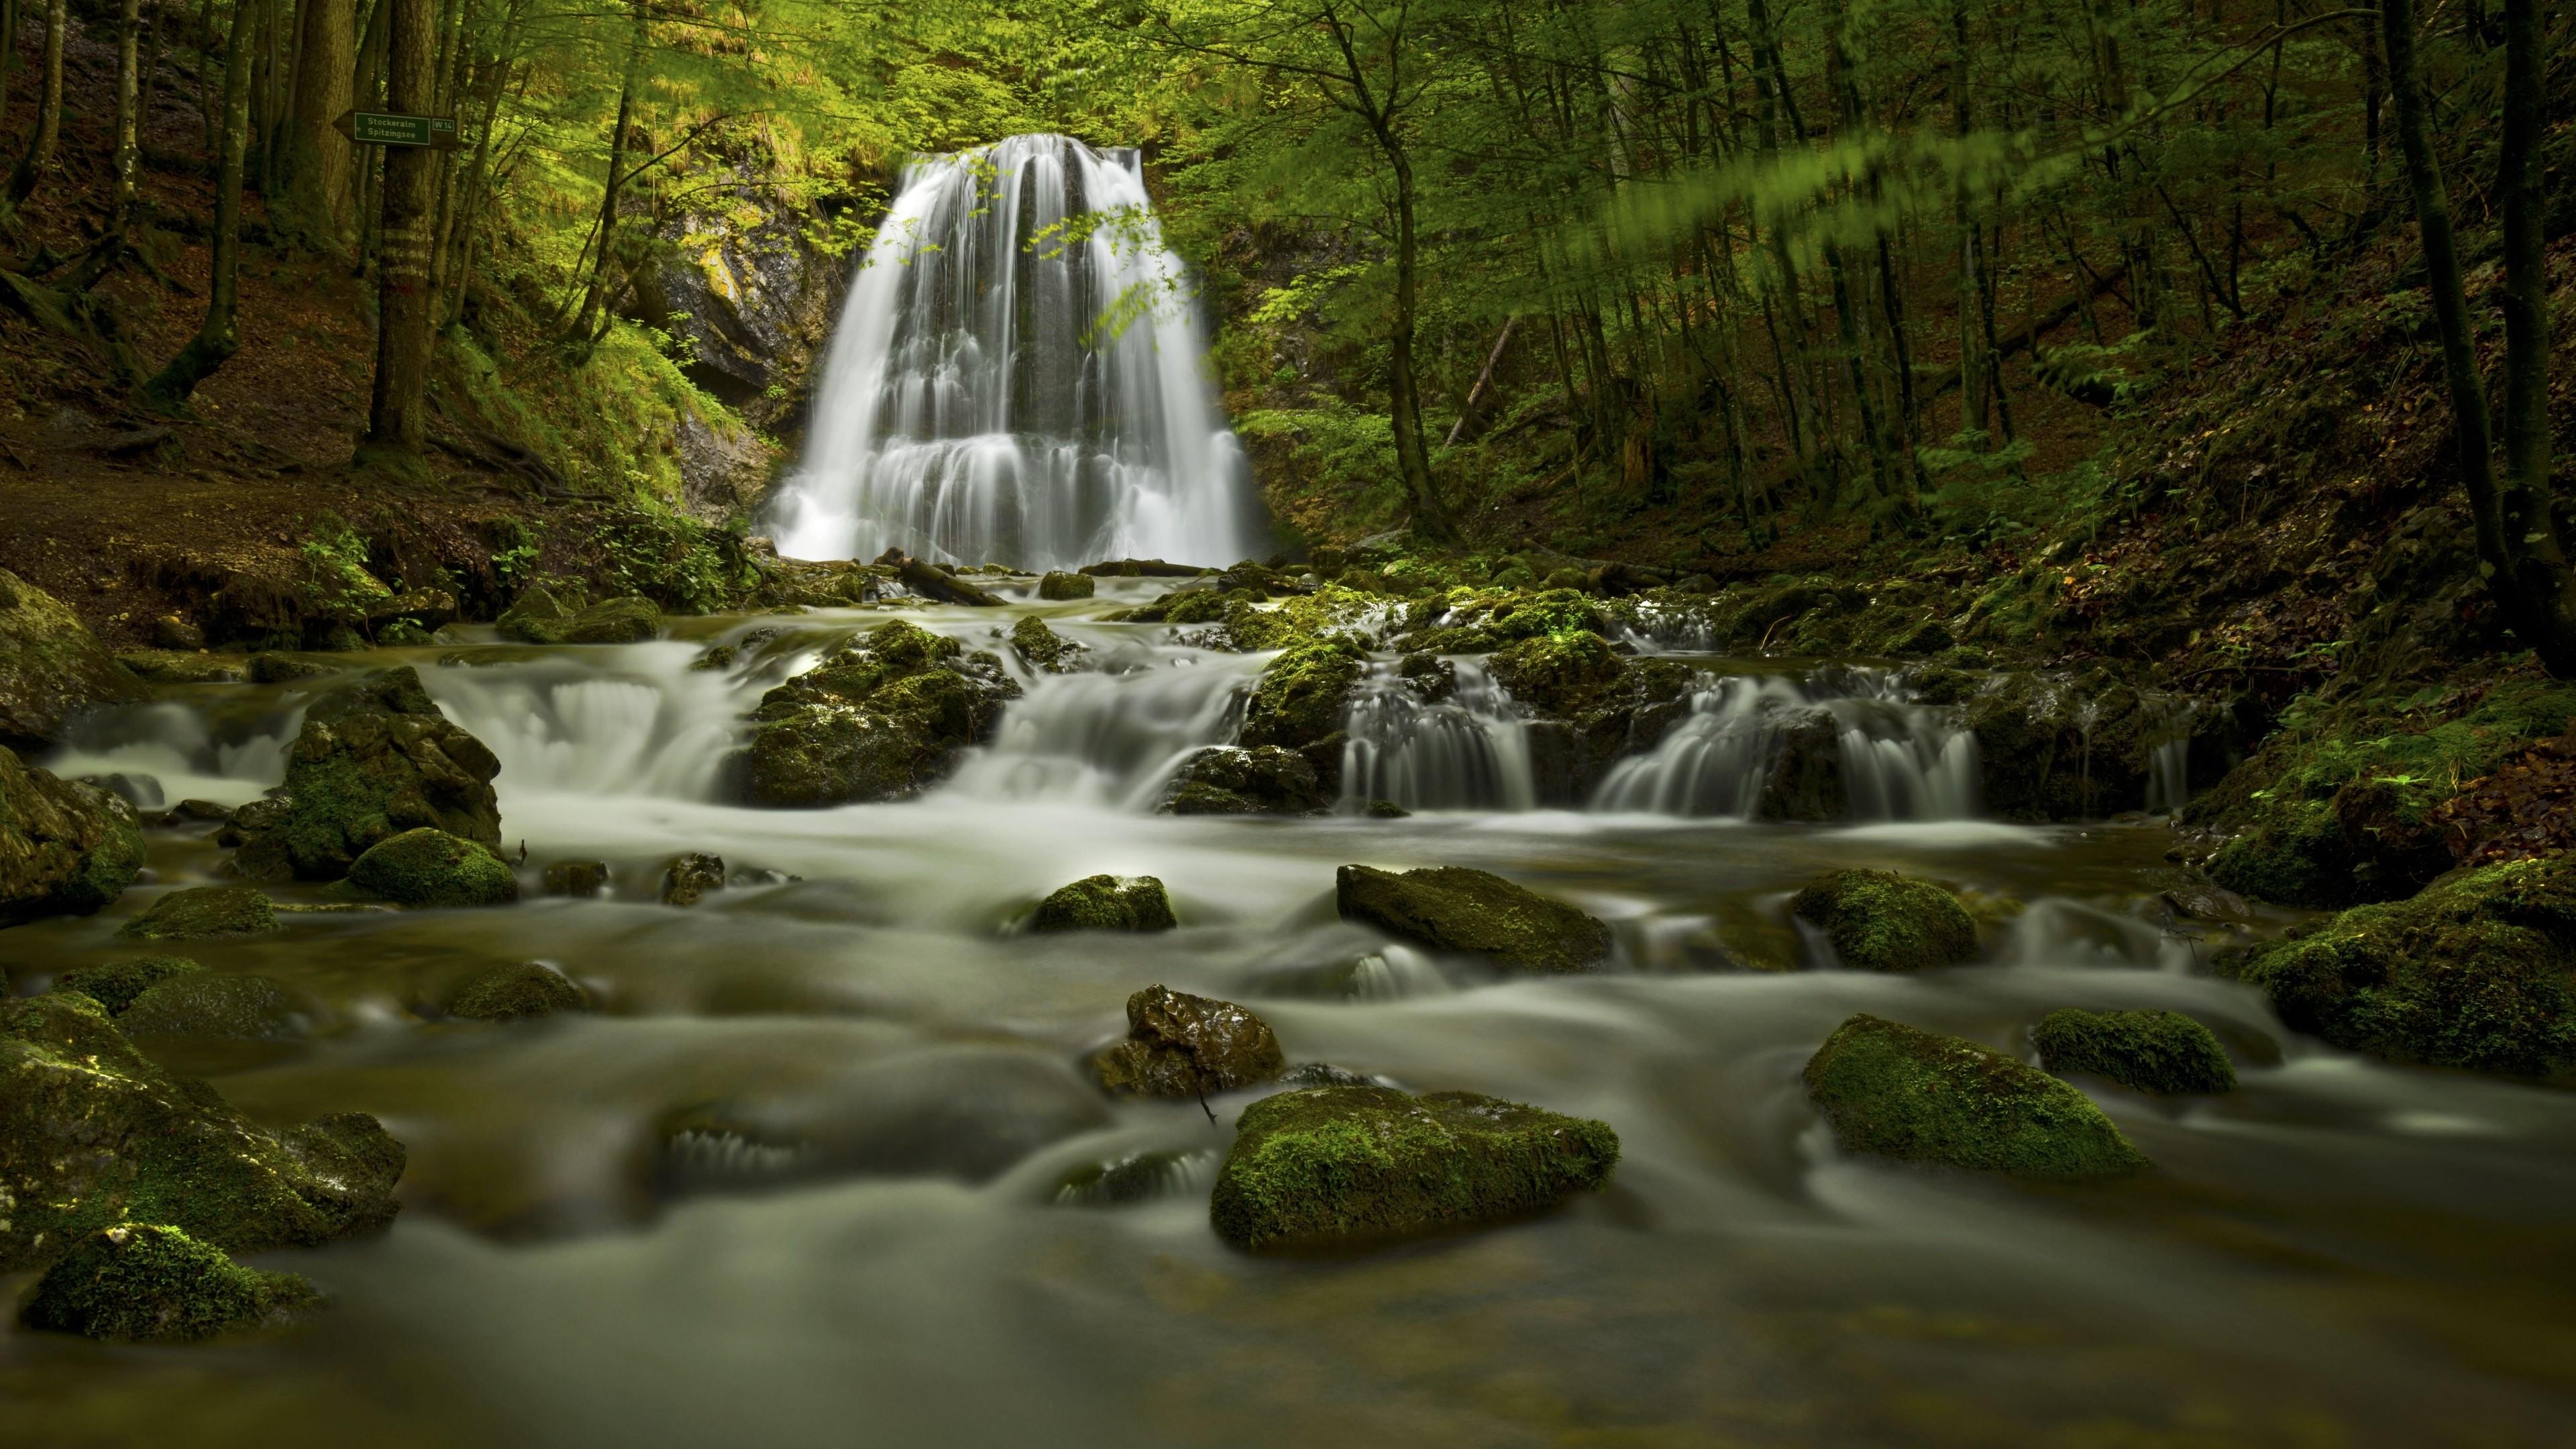 Wallpapers Wallpaper Hd 4k Autmn Landscape 4K Ultra HD